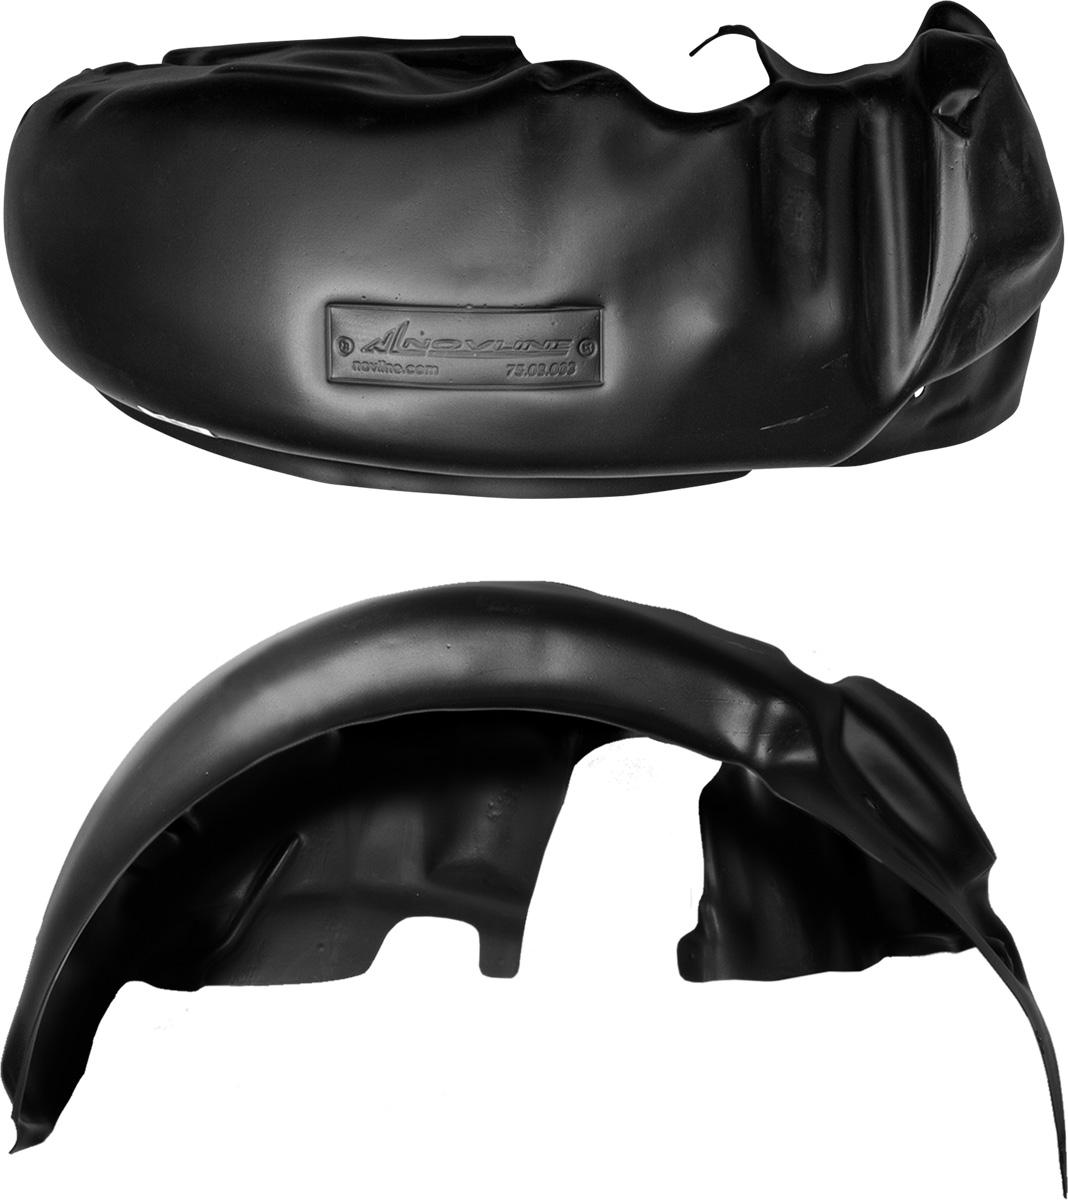 Подкрылок Novline-Autofamily, для Mitsubishi ASX 2010-2013, 2013->, задний левыйNLL.35.27.003Колесные ниши - одни из самых уязвимых зон днища вашего автомобиля. Они постоянно подвергаются воздействию со стороны дороги. Лучшая, почти абсолютная защита для них - специально отформованные пластиковые кожухи, которые называются подкрылками. Производятся они как для отечественных моделей автомобилей, так и для иномарок. Подкрылки Novline-Autofamily выполнены из высококачественного, экологически чистого пластика. Обеспечивают надежную защиту кузова автомобиля от пескоструйного эффекта и негативного влияния, агрессивных антигололедных реагентов. Пластик обладает более низкой теплопроводностью, чем металл, поэтому в зимний период эксплуатации использование пластиковых подкрылков позволяет лучше защитить колесные ниши от налипания снега и образования наледи. Оригинальность конструкции подчеркивает элегантность автомобиля, бережно защищает нанесенное на днище кузова антикоррозийное покрытие и позволяет осуществить крепление подкрылков внутри колесной арки практически без...